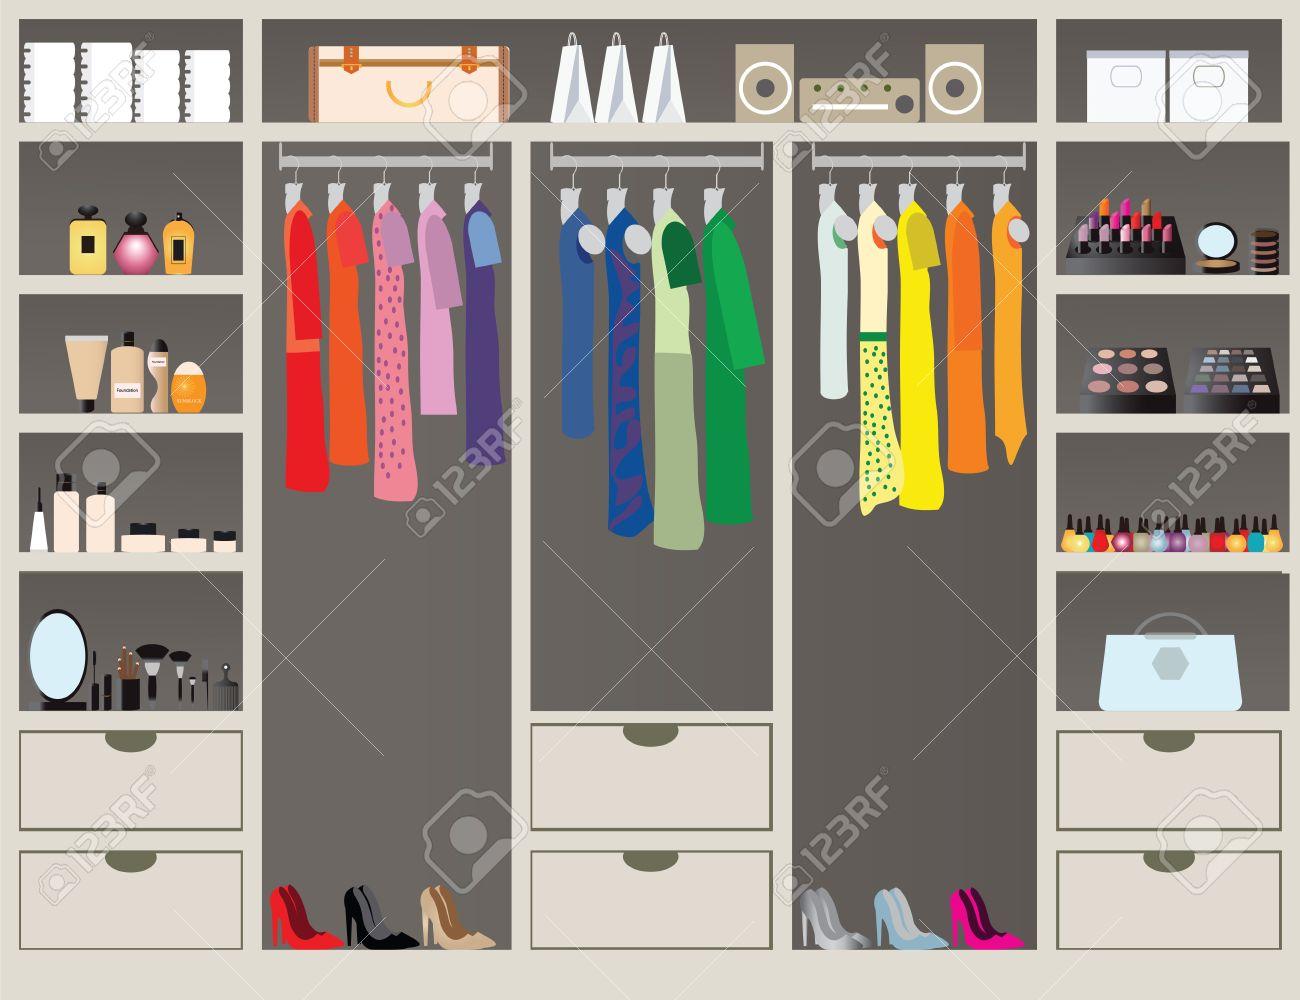 900f4c7704e0 Pie plano Diseño in closet con estantes para accesorios y cosmética  maquillaje, diseño de interiores, tienda de ropa, Boutique cubierta de  telas de la ...